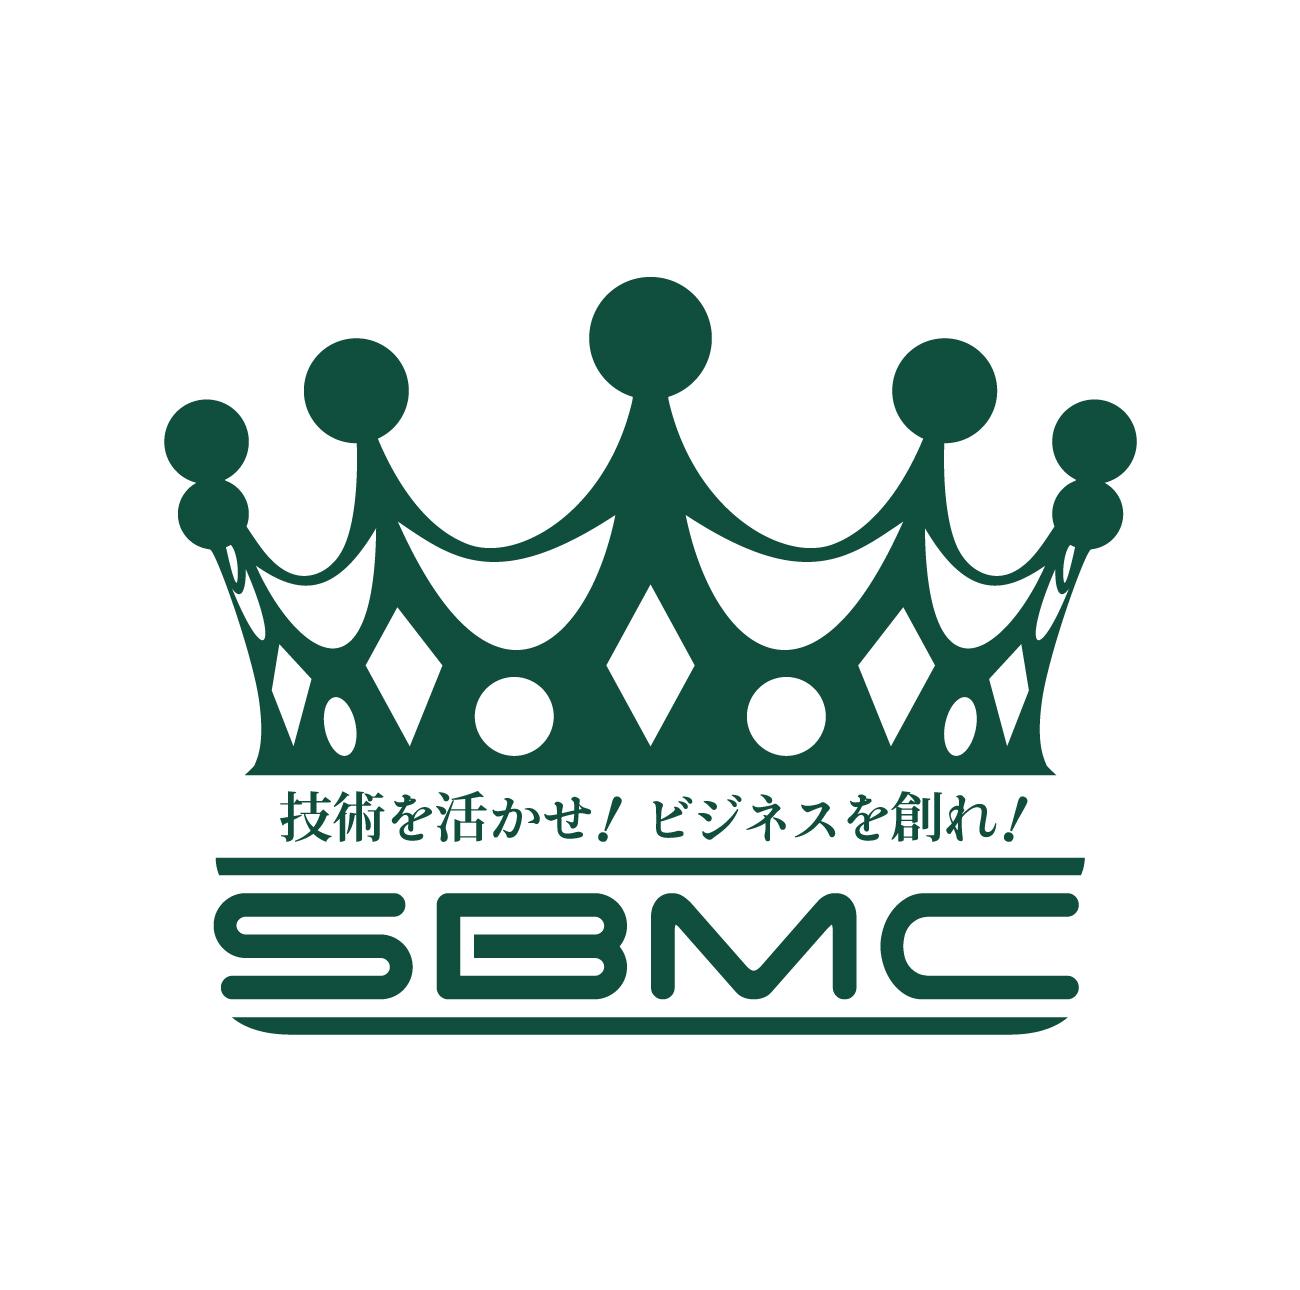 芝浦工業大学が「Shibaura Business Model Competition」を開催~賞金100万円、技術を活かしてビジネスを創出する人材の育成を